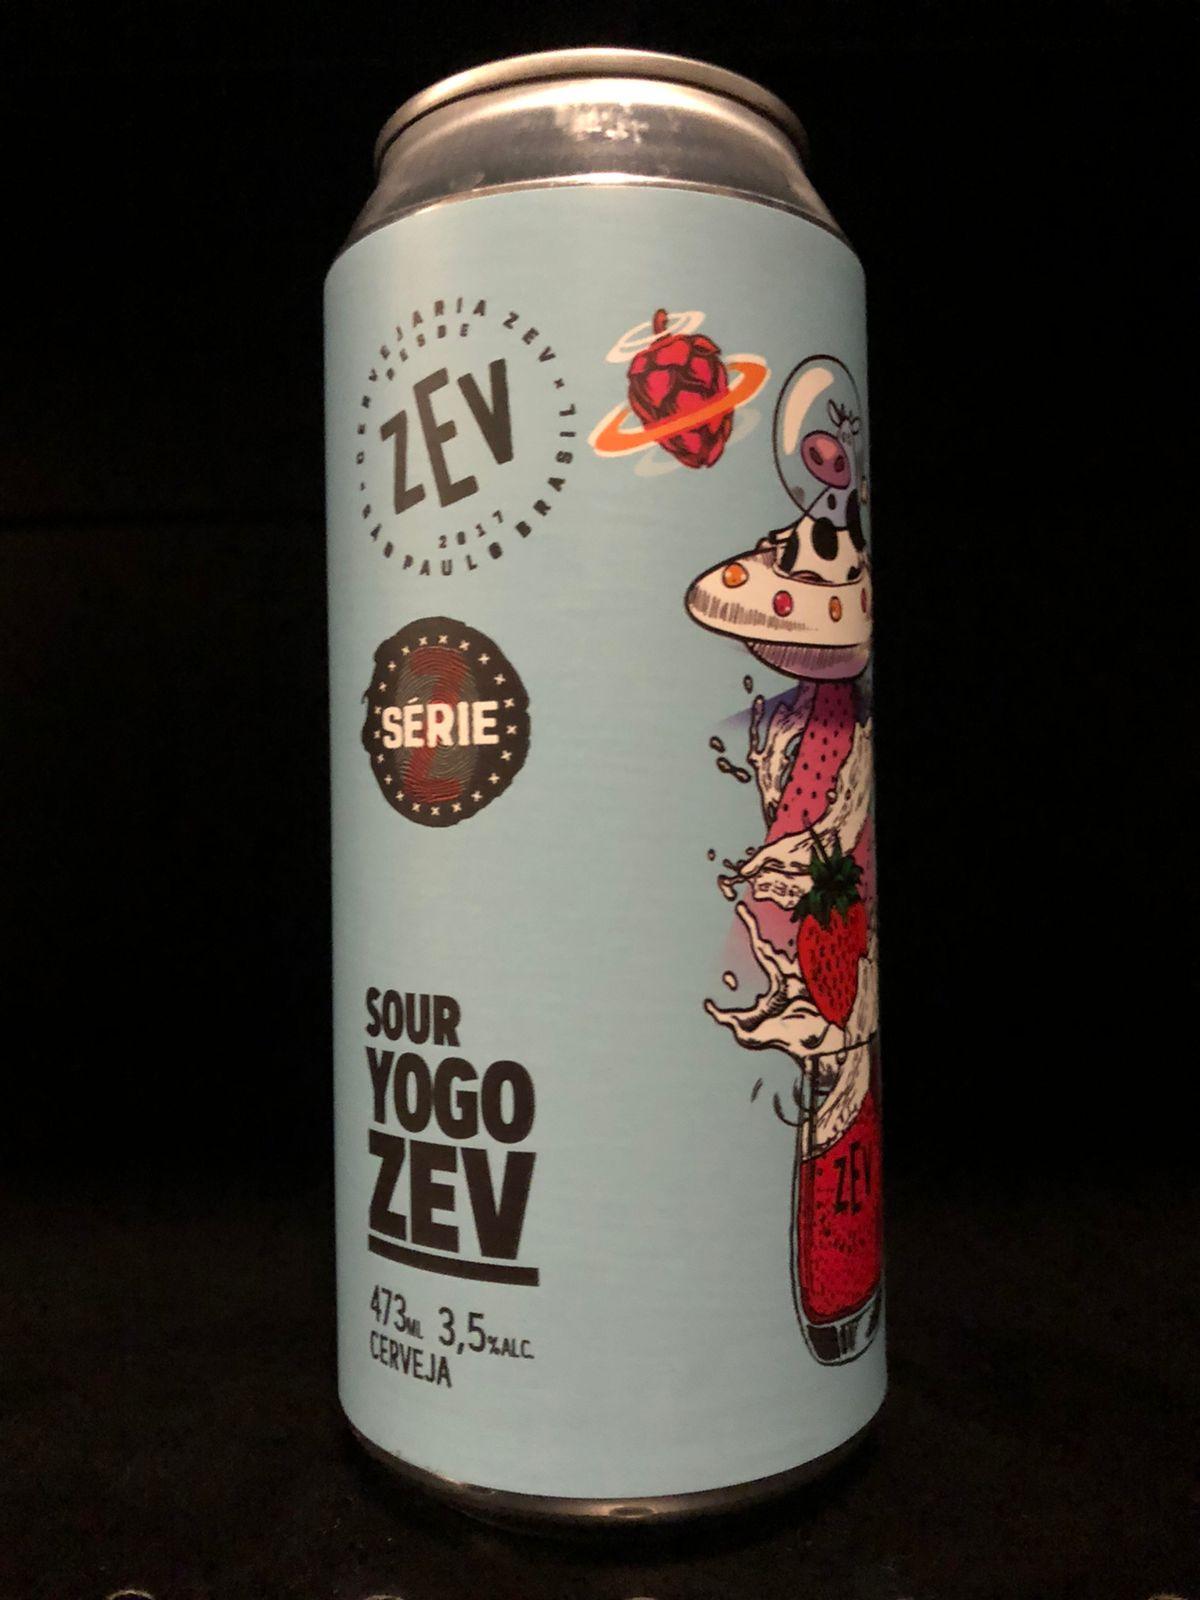 Zev Sour Yogo com morango envelhecida em barricas de carvalho - Lata 473ml